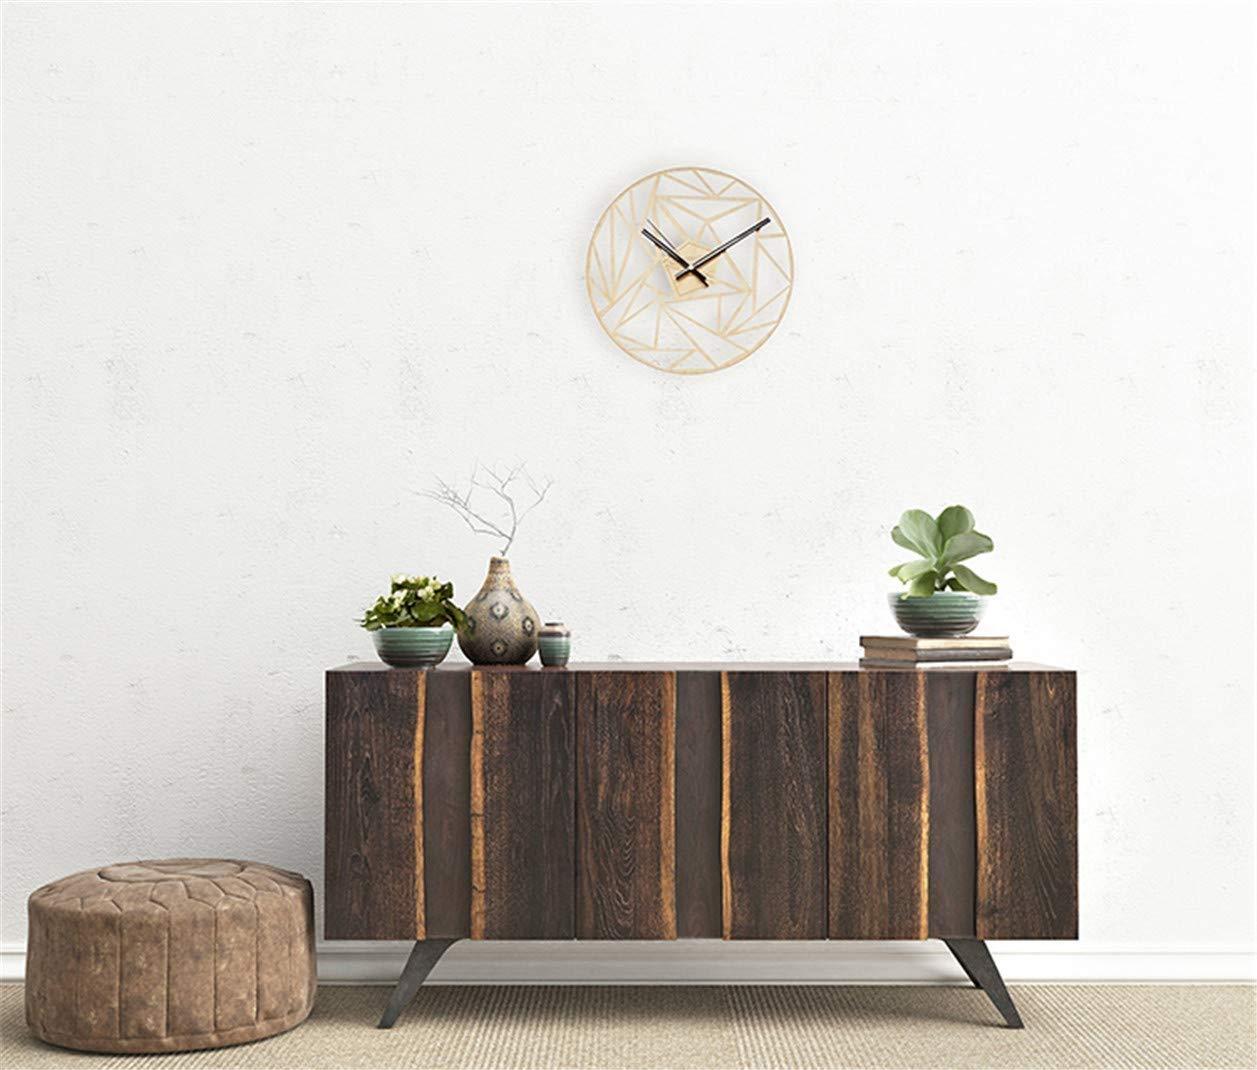 XSWZAQ Wooden Wall Clock